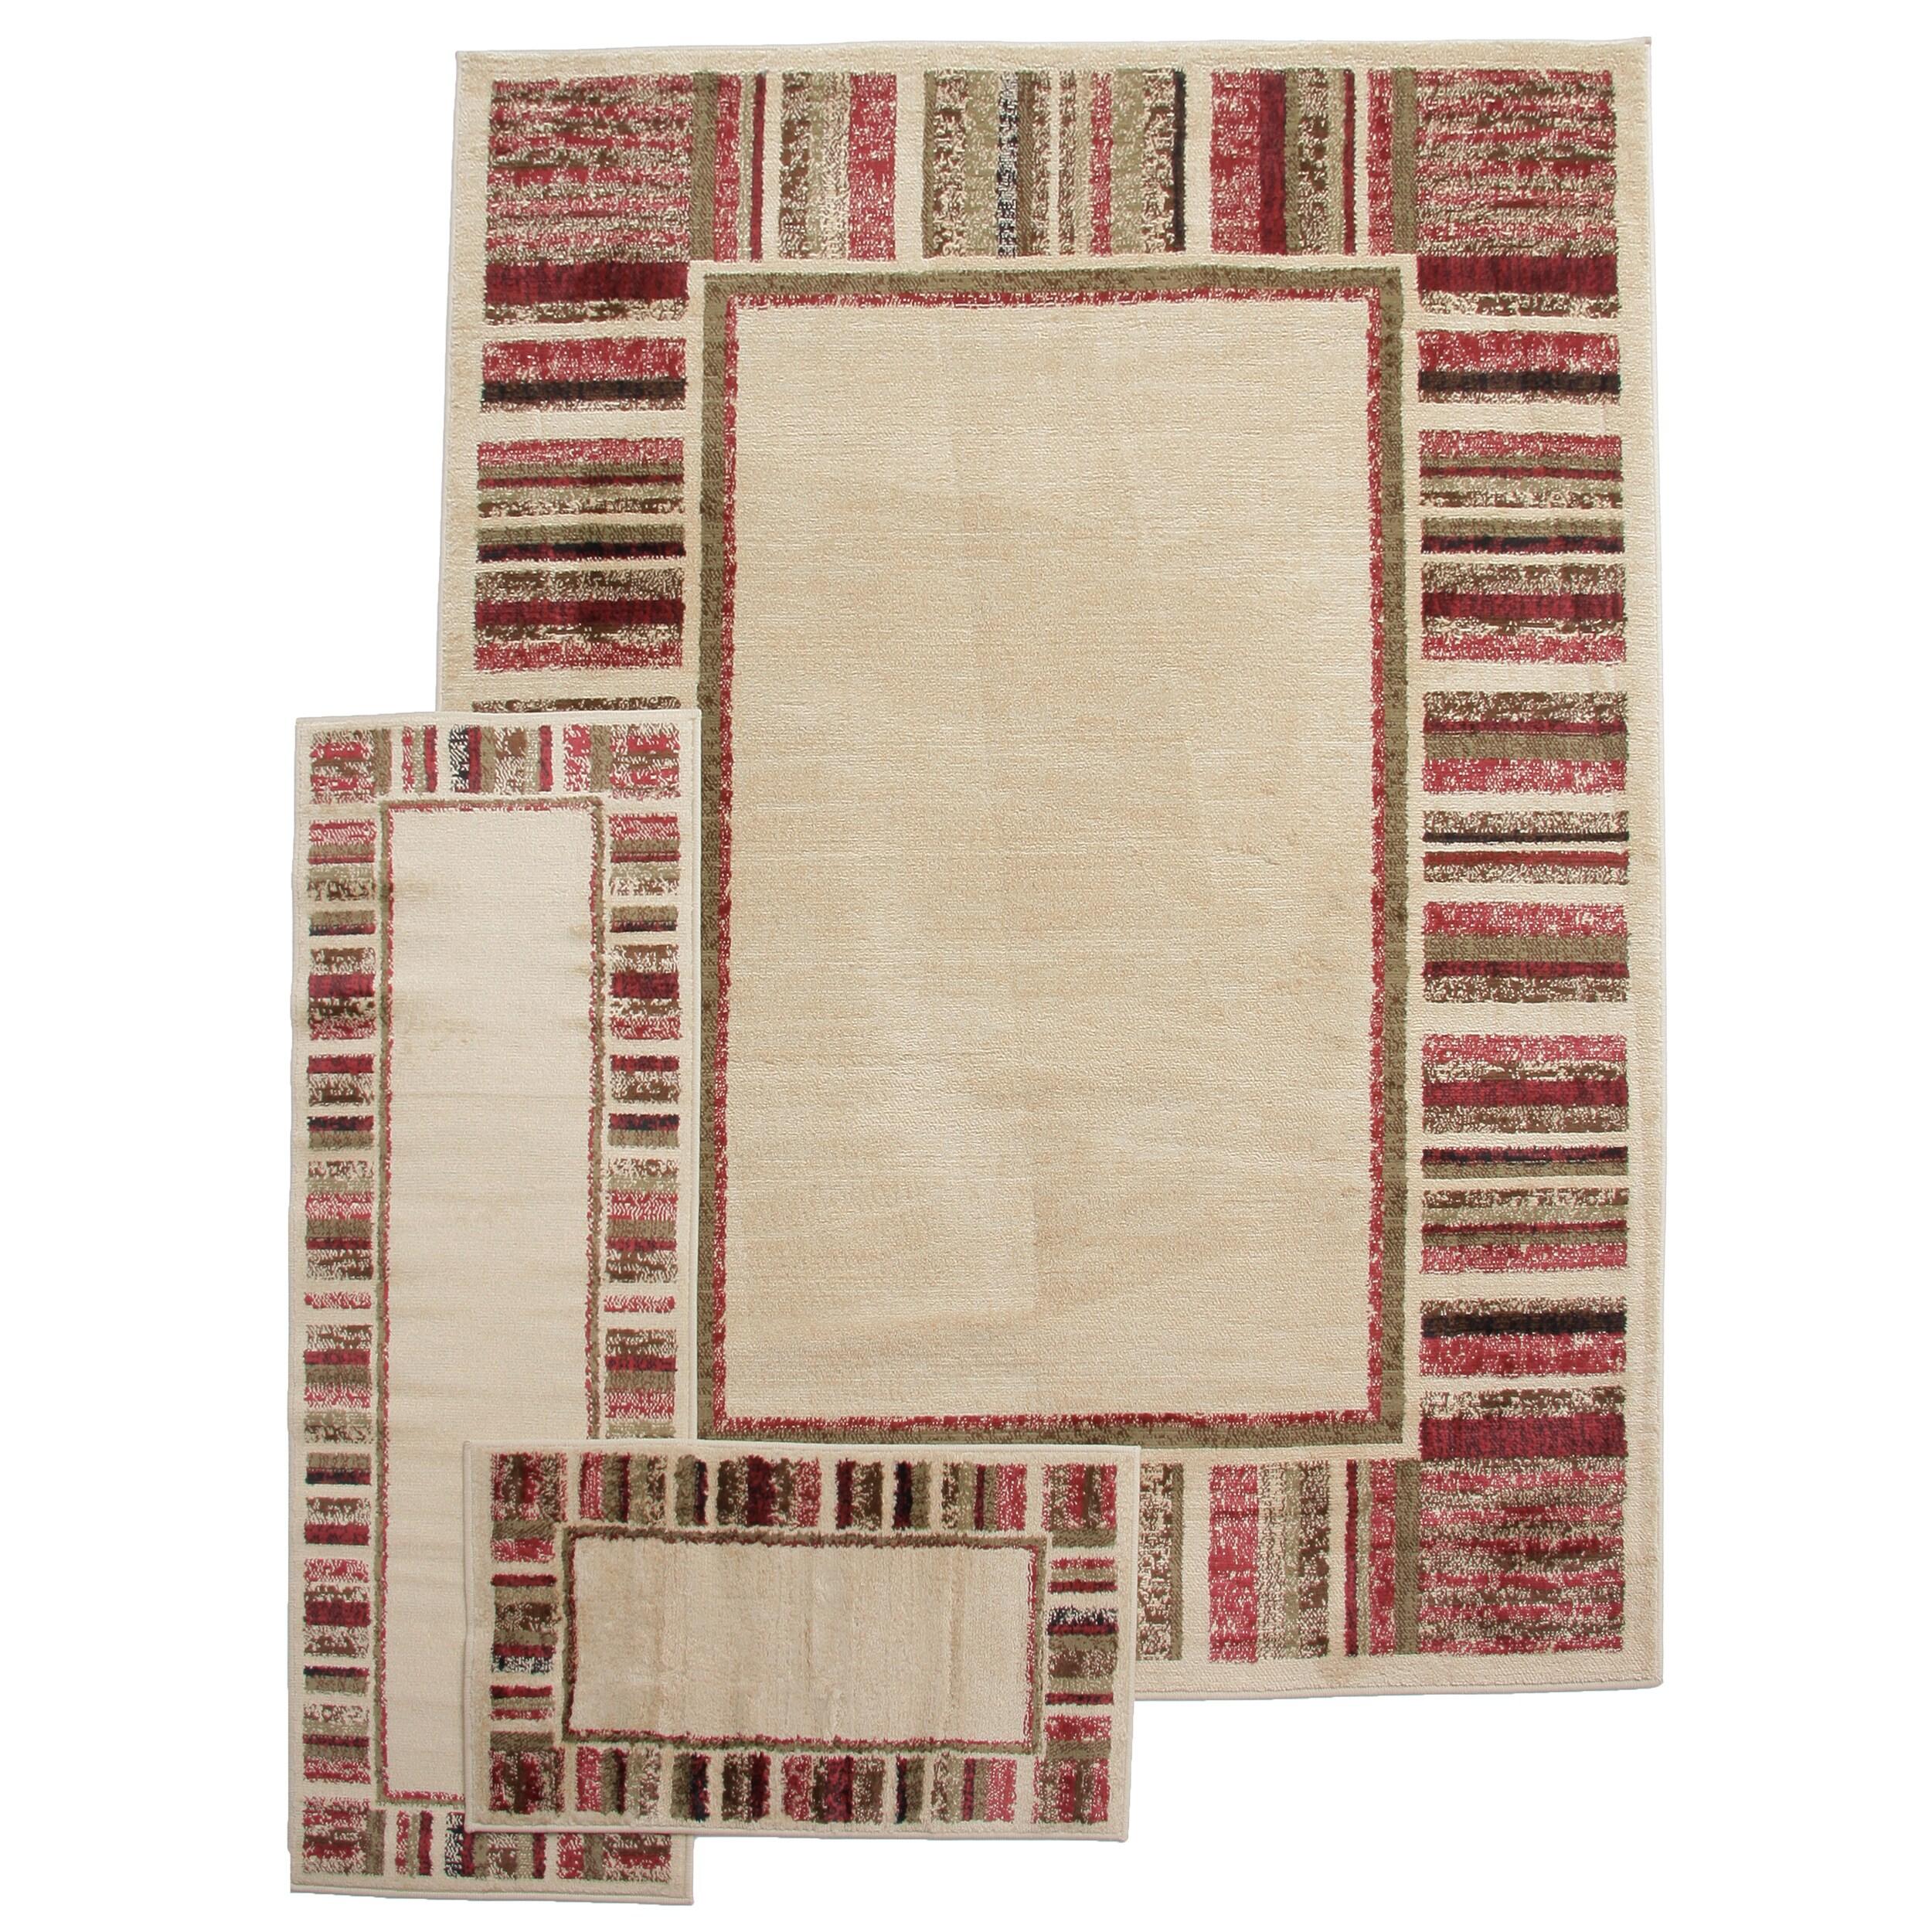 Overstock.com Contemporary Stipes Border Ivory 3-piece Rug Set at Sears.com